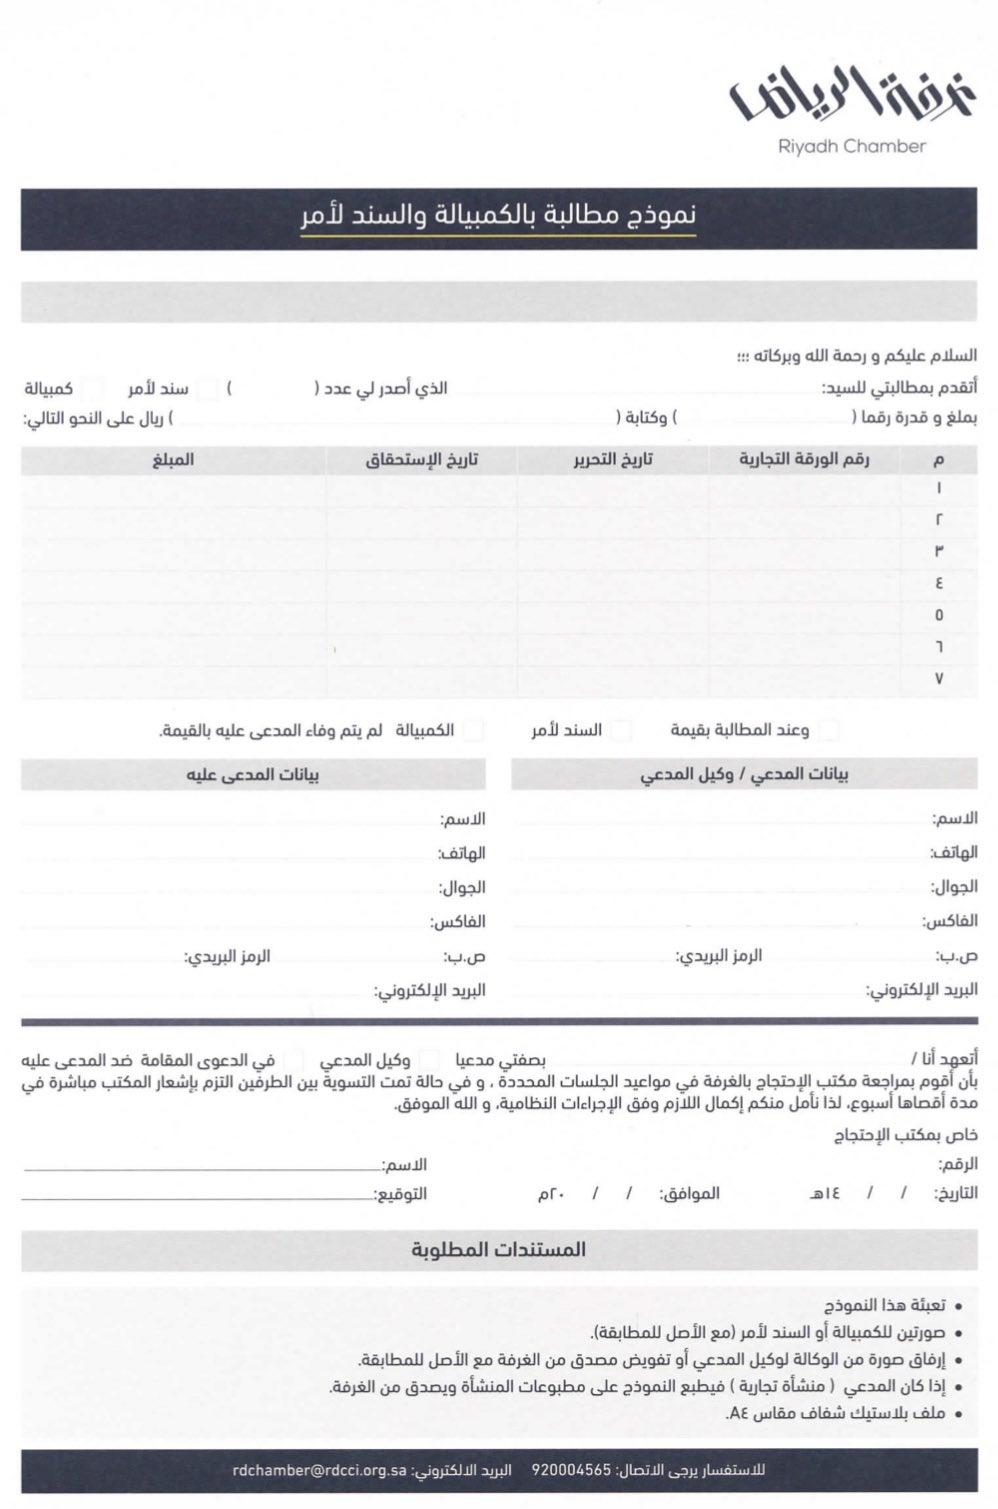 المحامي د علي الغامدي A Twitter نموذج مطالبة بالكمبيالة والسند لأمر لدى مكتب الاحتجاج